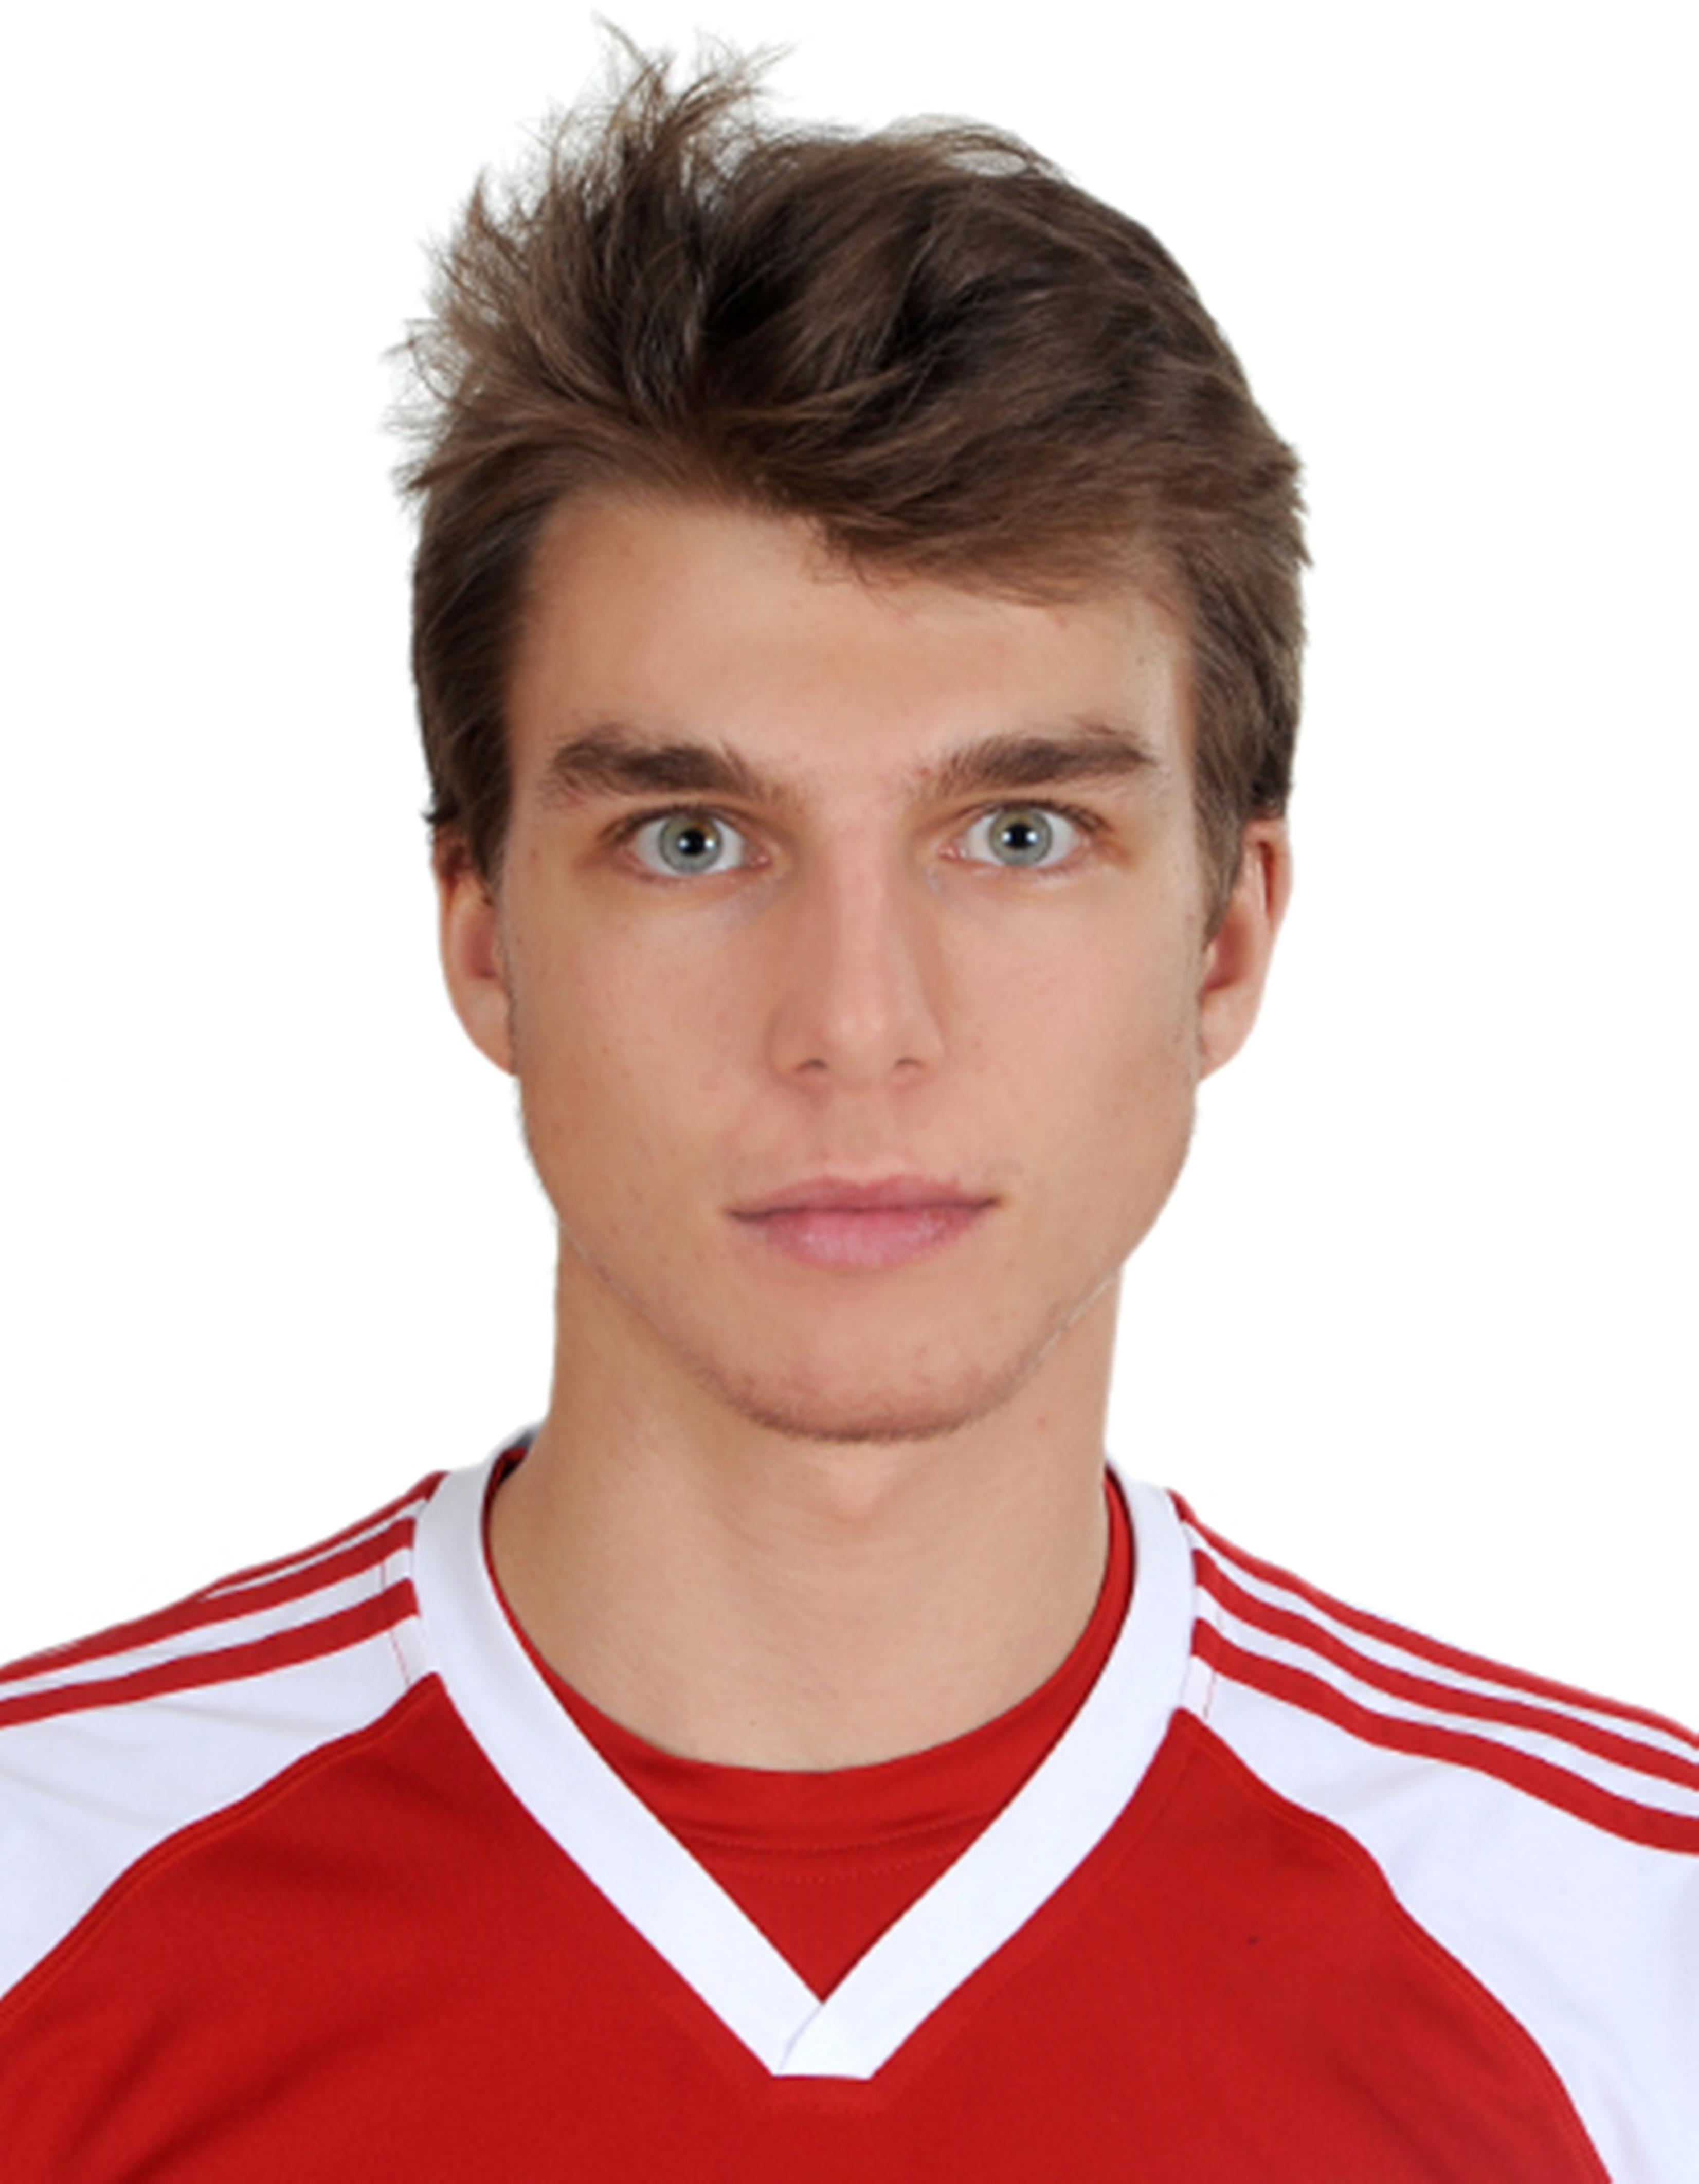 Jedrzej Gruszczynski